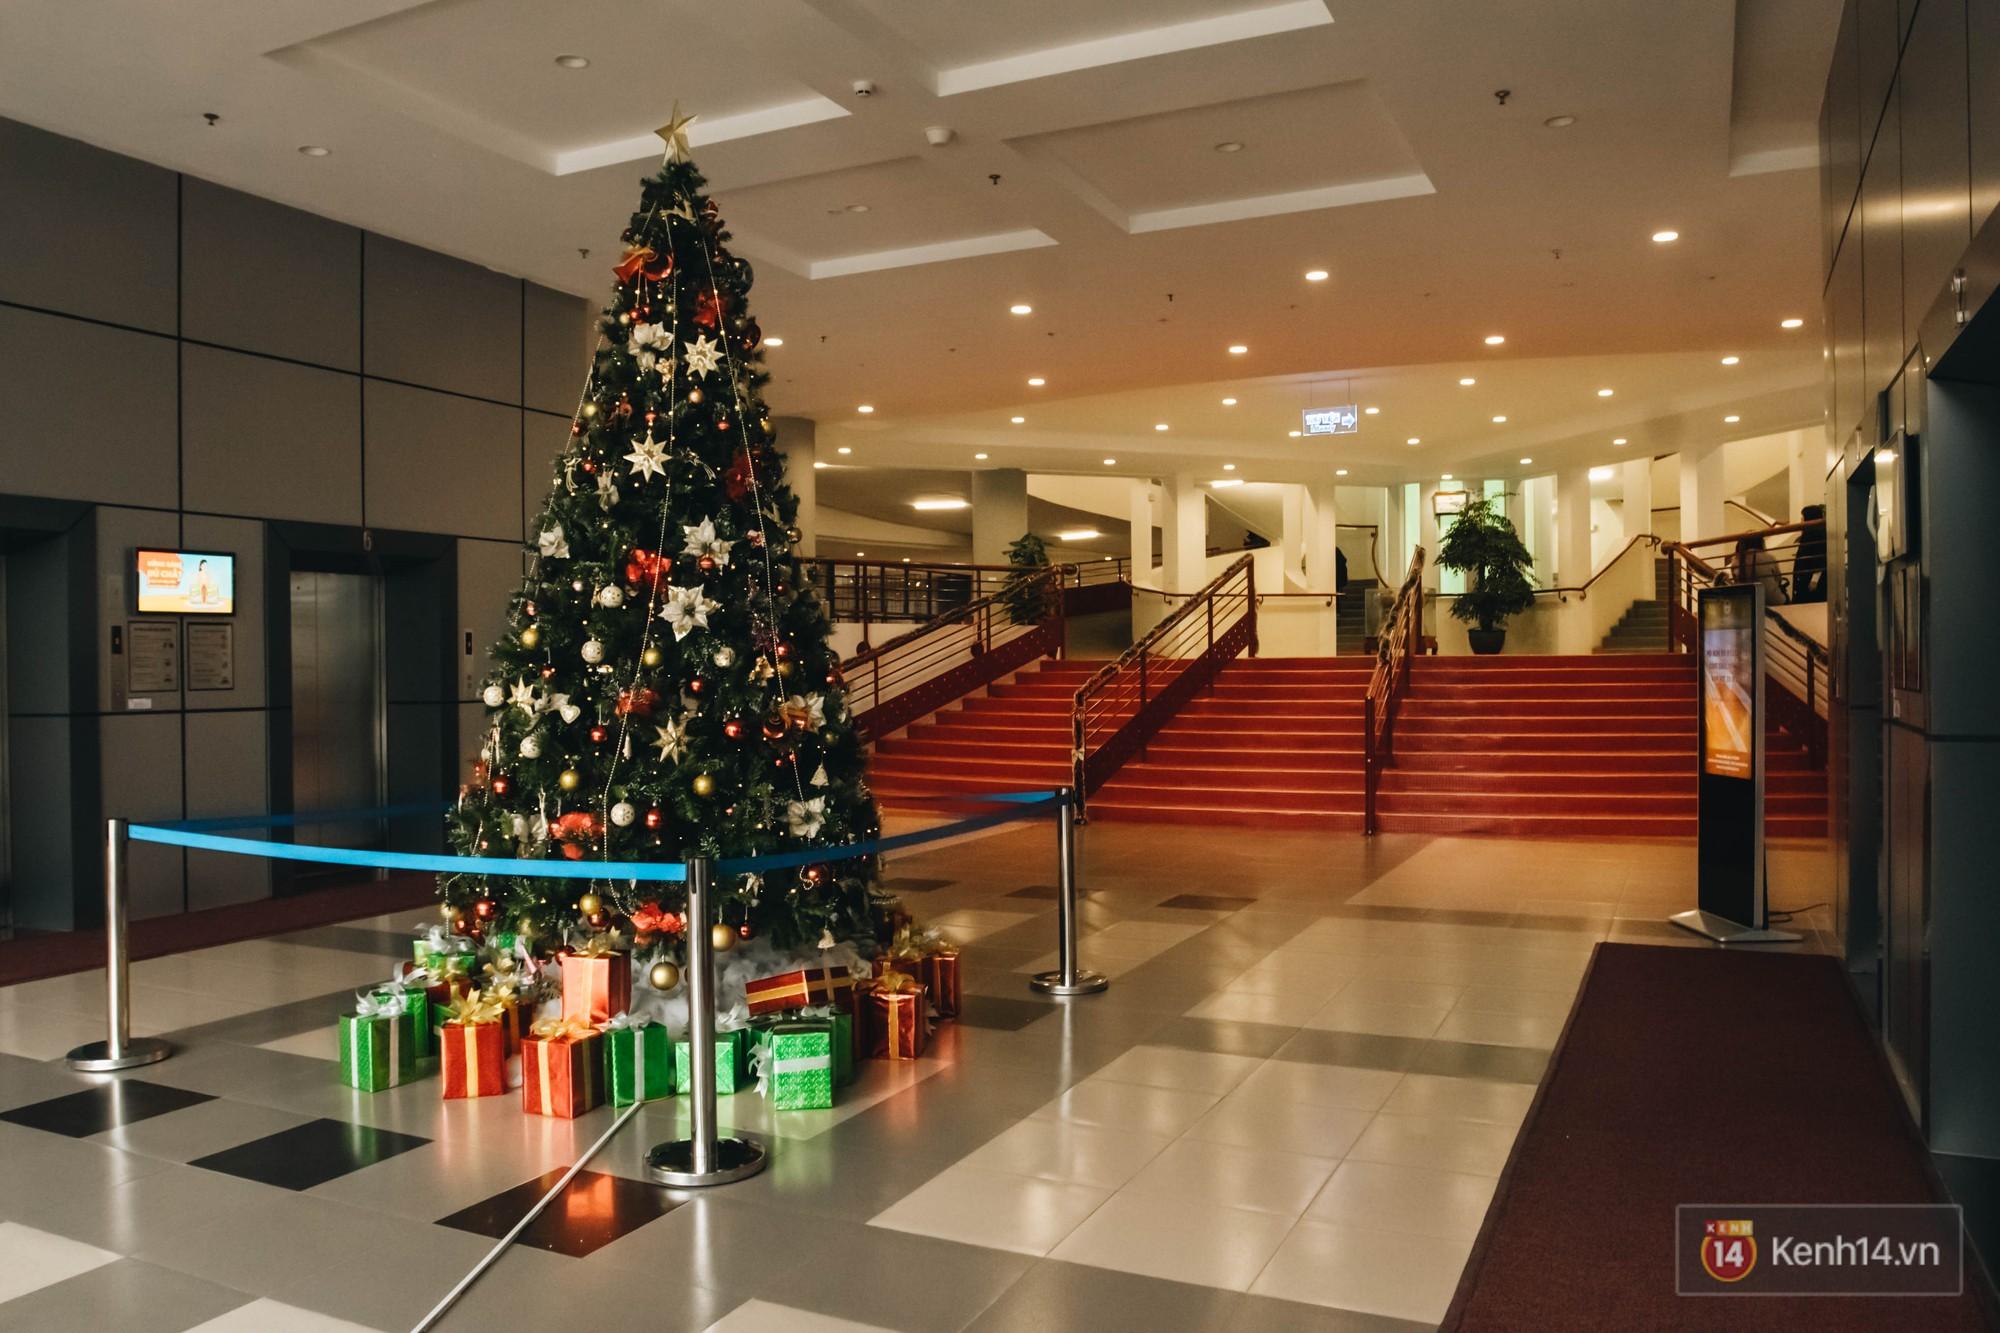 Xịn như Kinh tế Quốc dân: Dựng không gian checkin Noel sang như khách sạn bên trong toà nhà thế kỷ 96.000 m2 với 17 thang máy! - Ảnh 10.